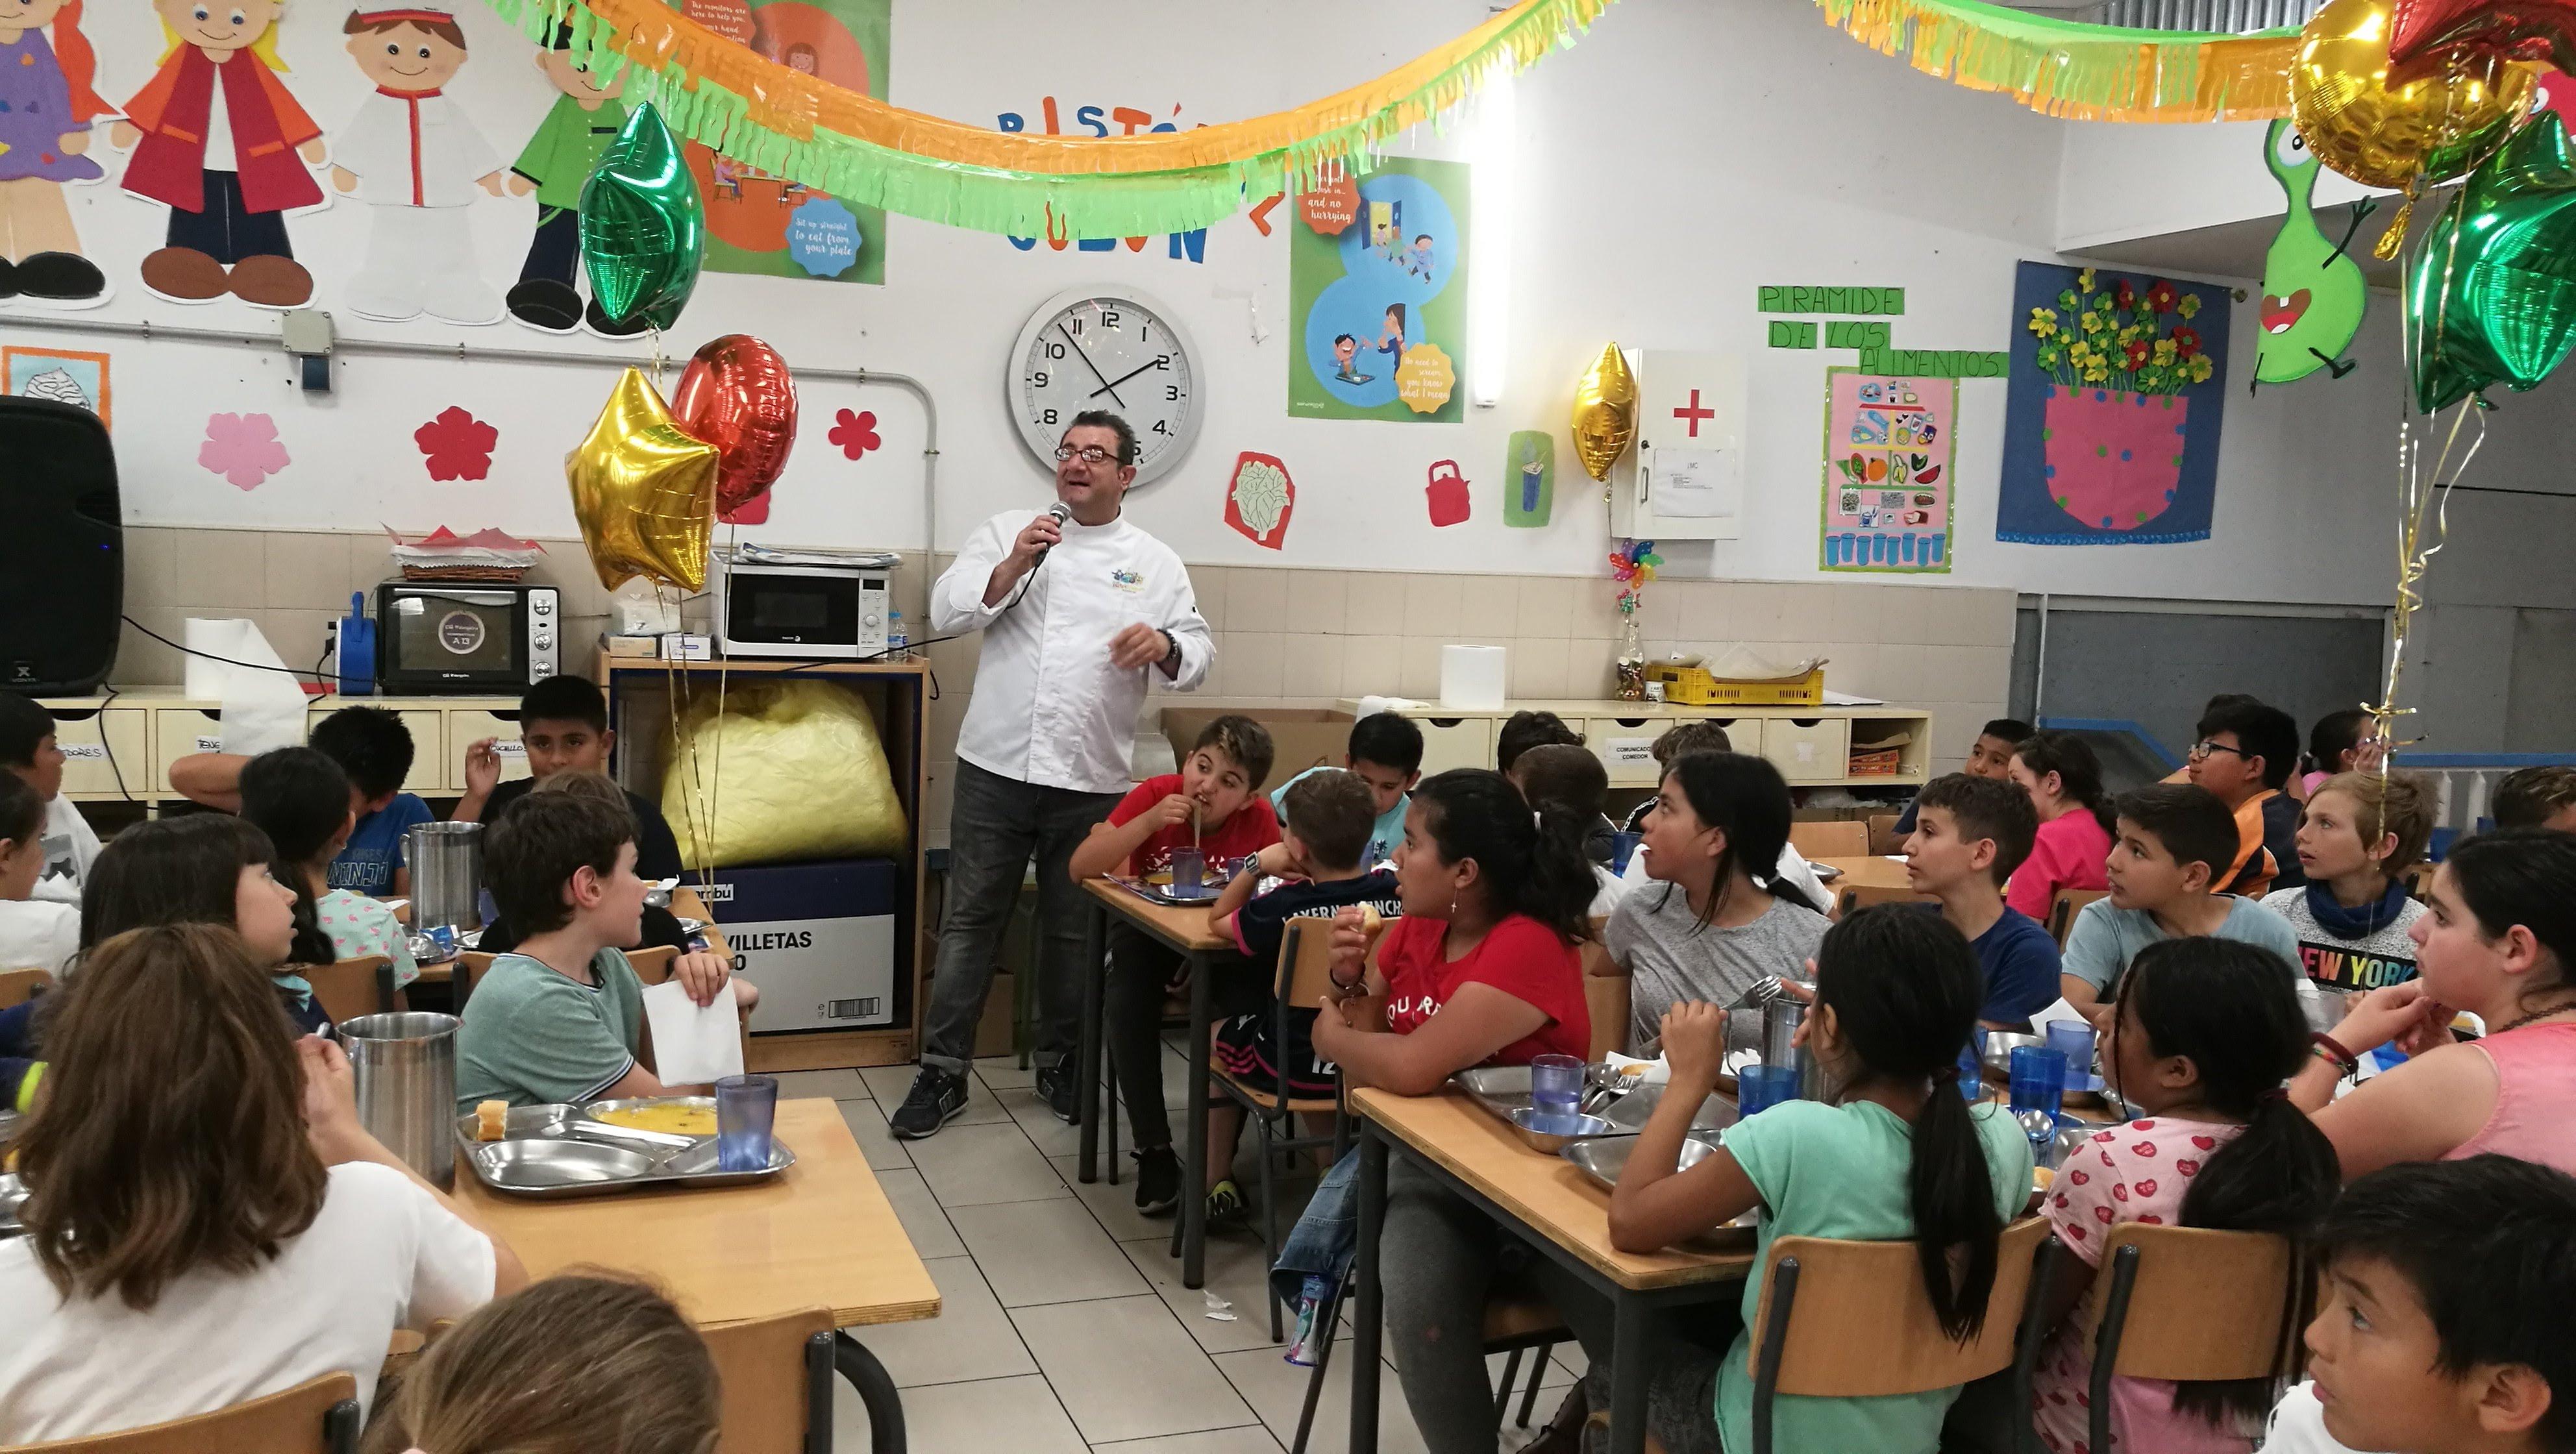 Visita del chef Sergio Fernández - Nutrifriends en el Comedor 13